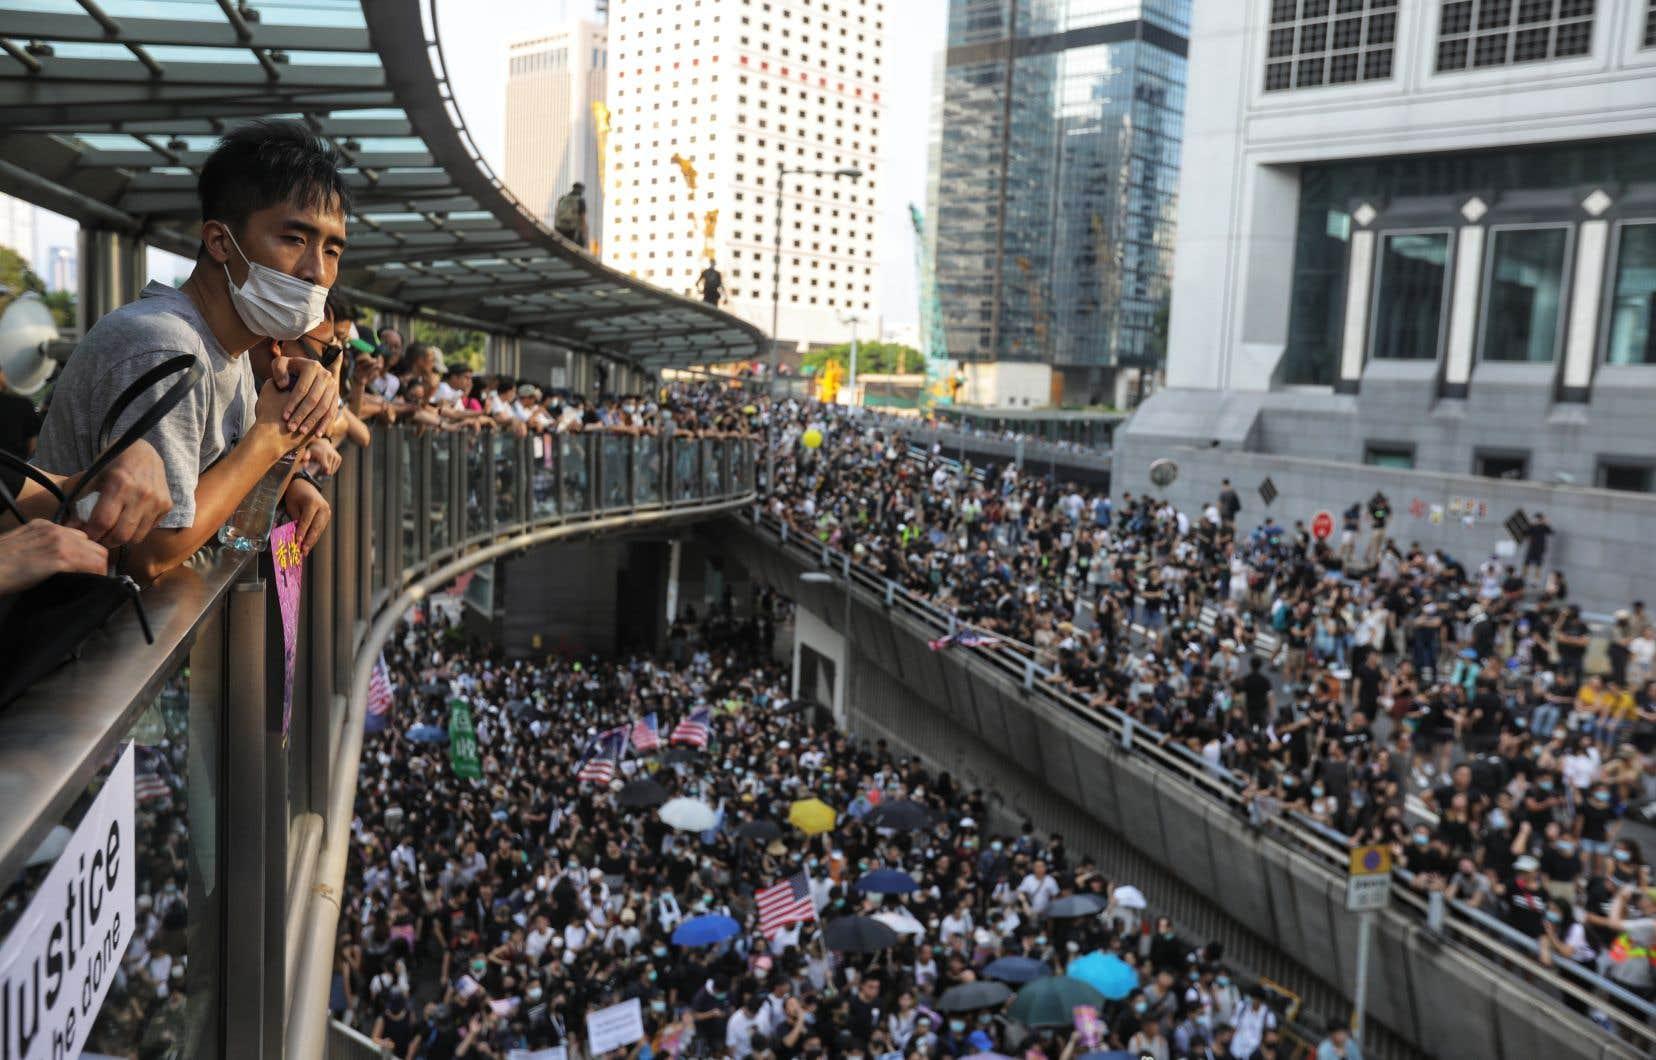 Dans la foule, les parapluies symboliques côtoyaient les drapeaux américains et les pancartes appelant le président Donald Trump à «libérer» Hong Kong.